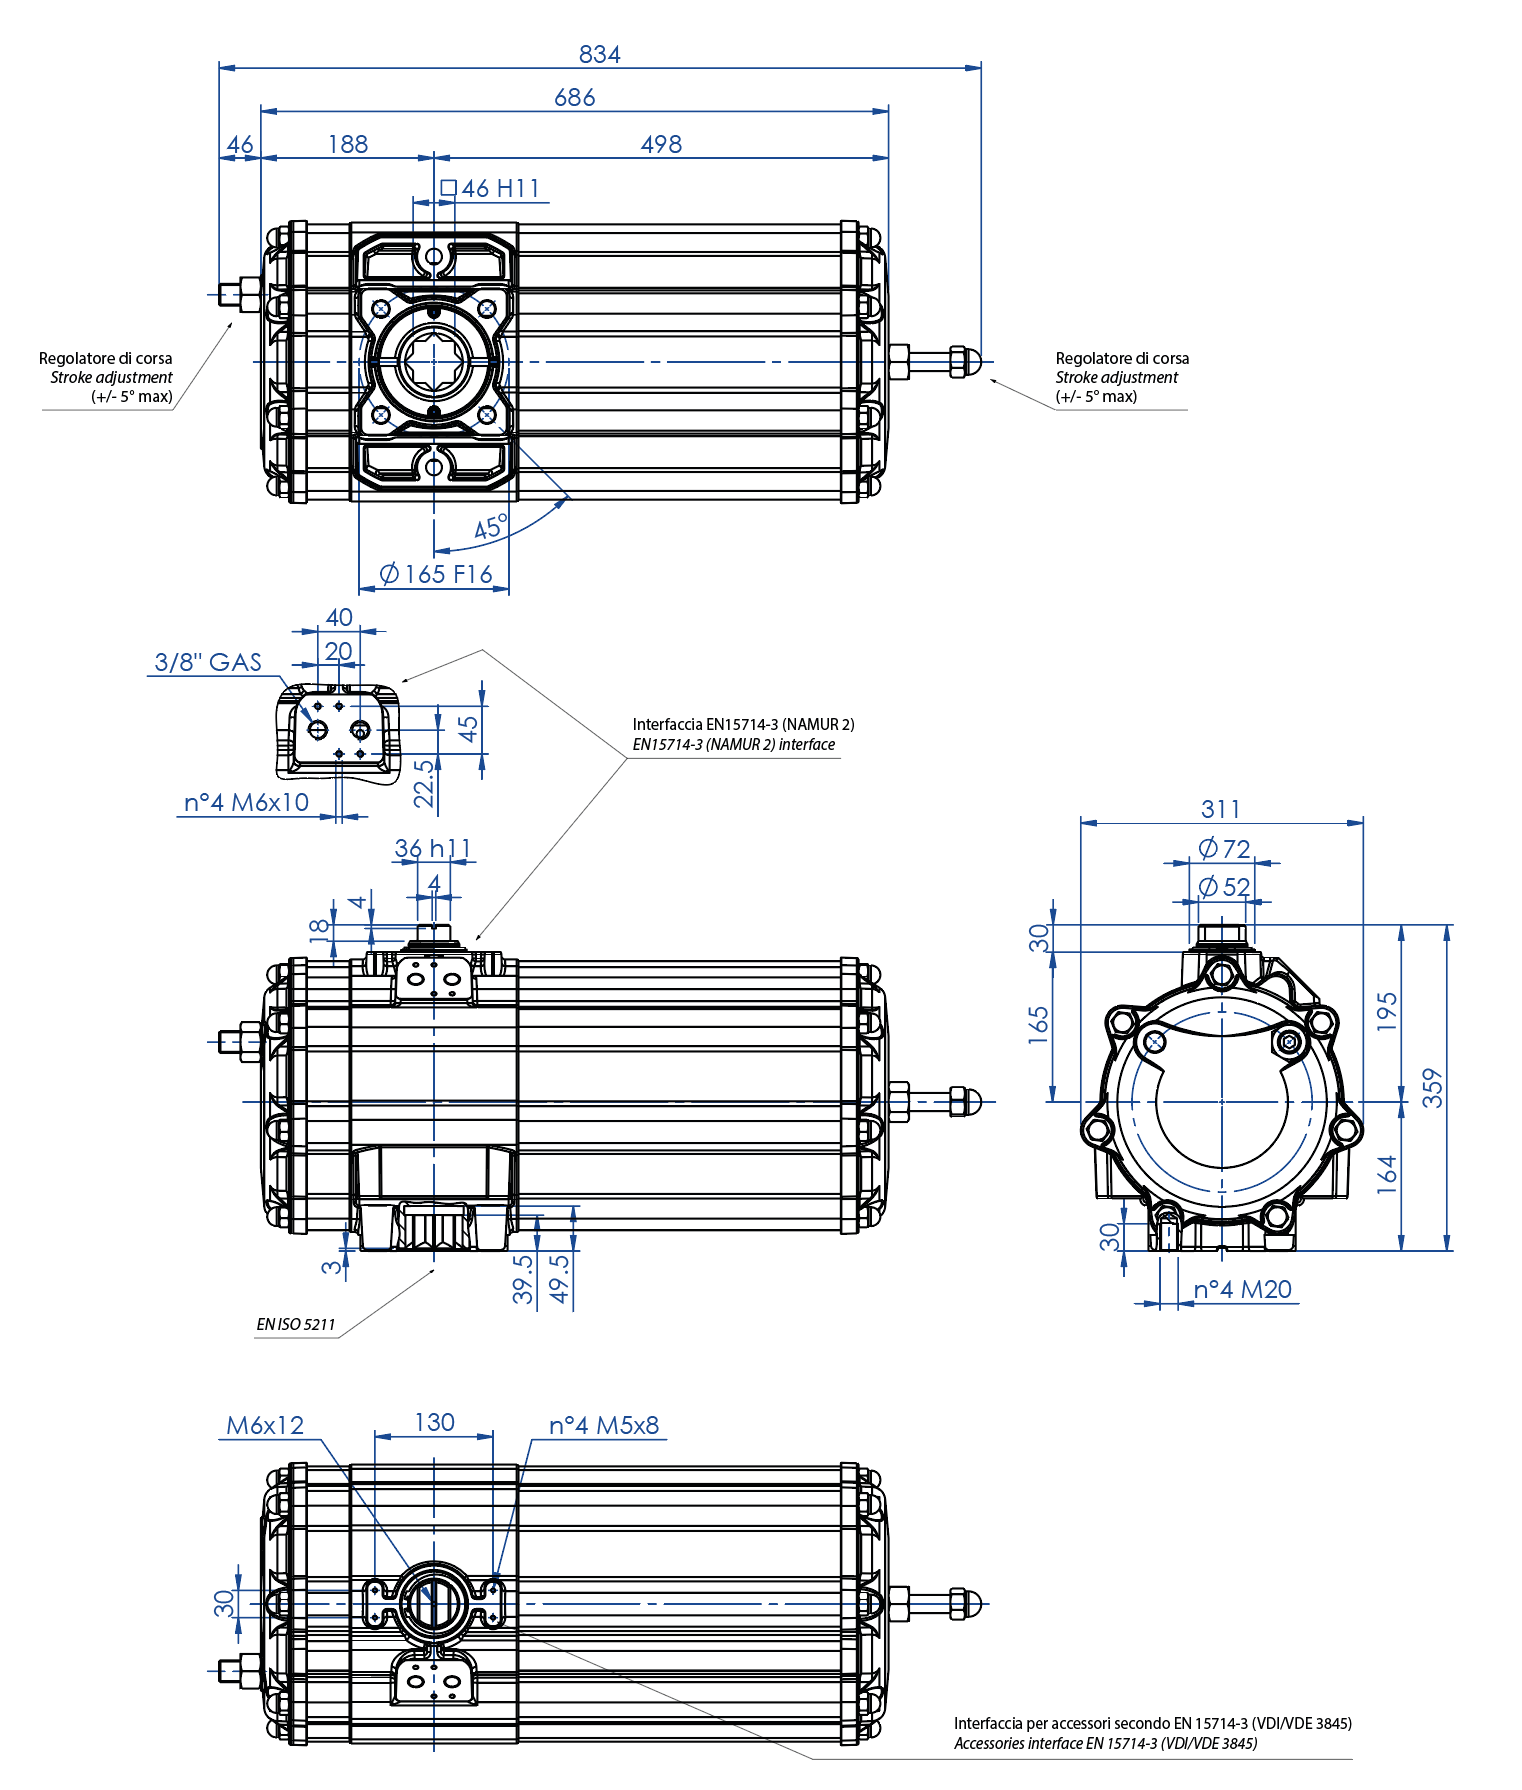 GS型铝制单效气动执行器 - 特性 - GS1440(Nm)单效气动执行器